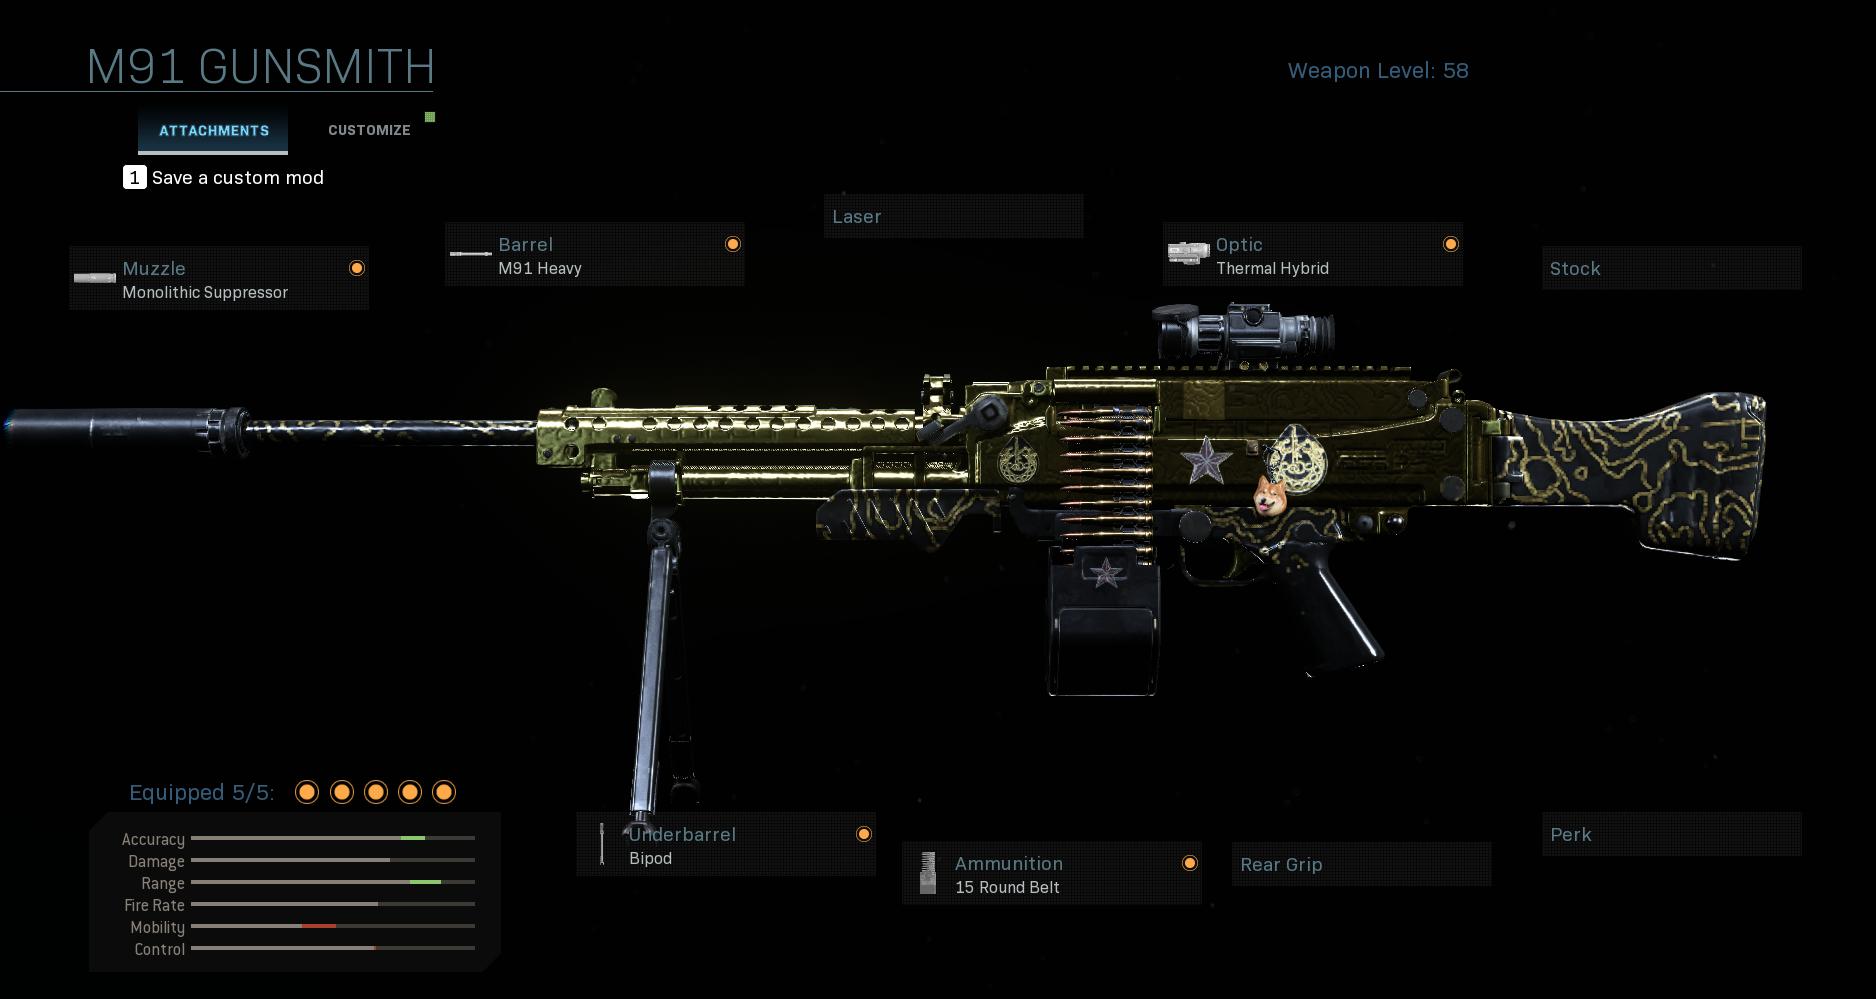 Modern Warfare M91